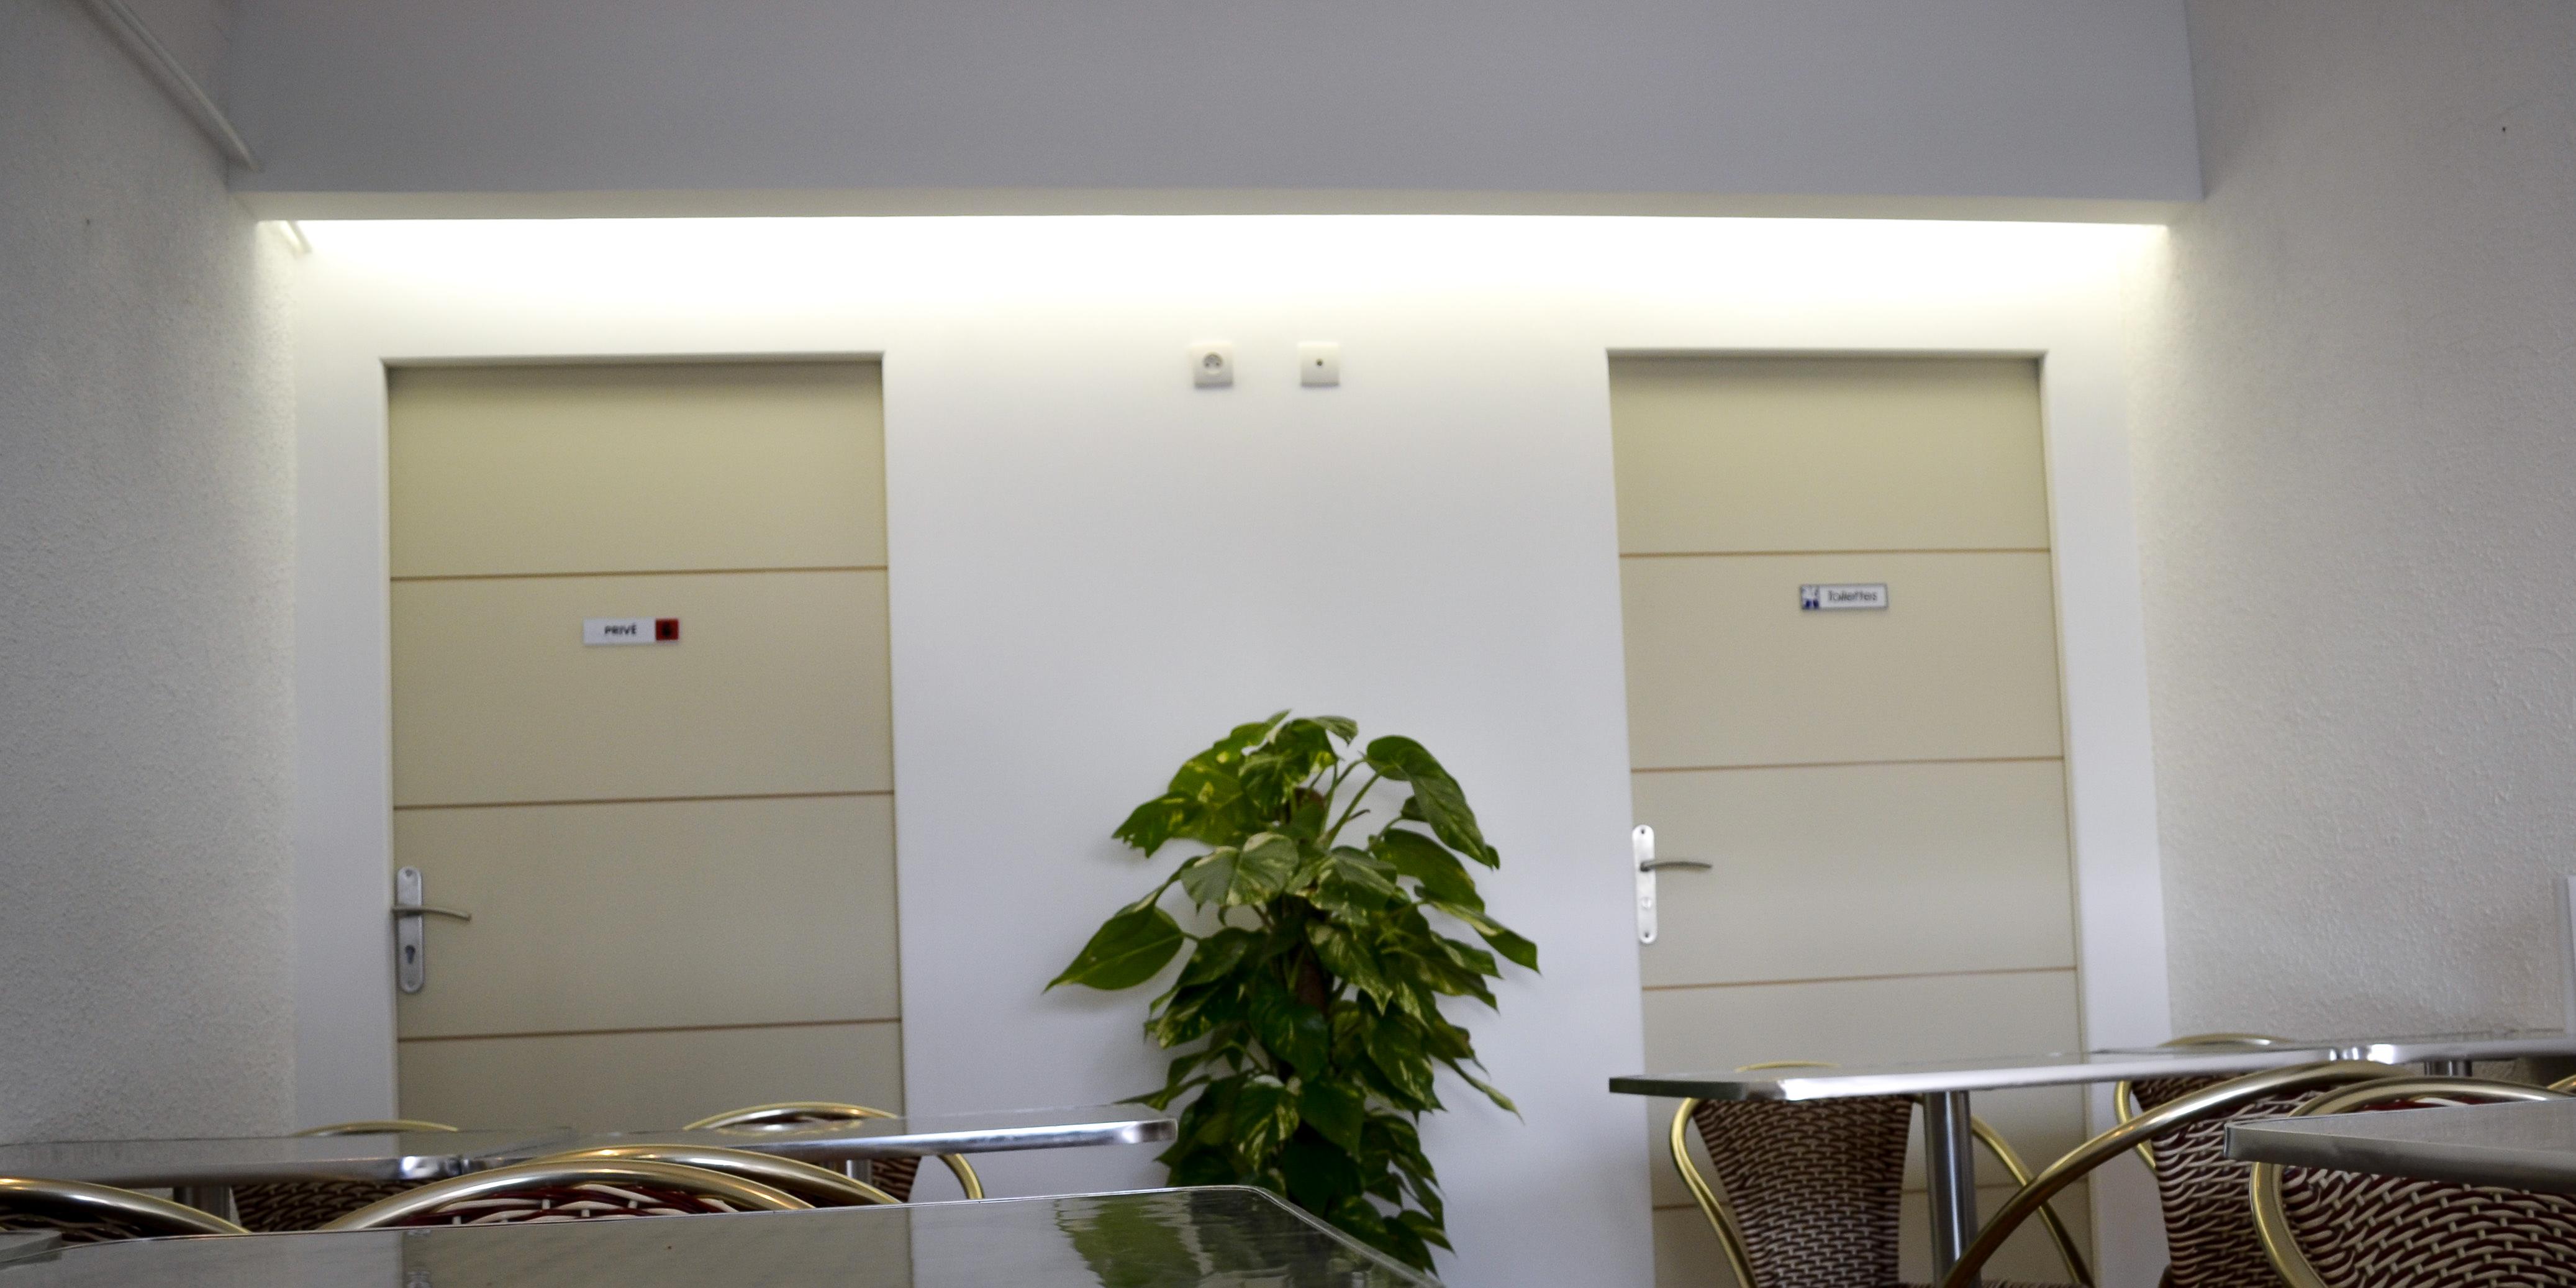 Création cloison placo-plâtre, avec intégration lumière (création sur mesure d